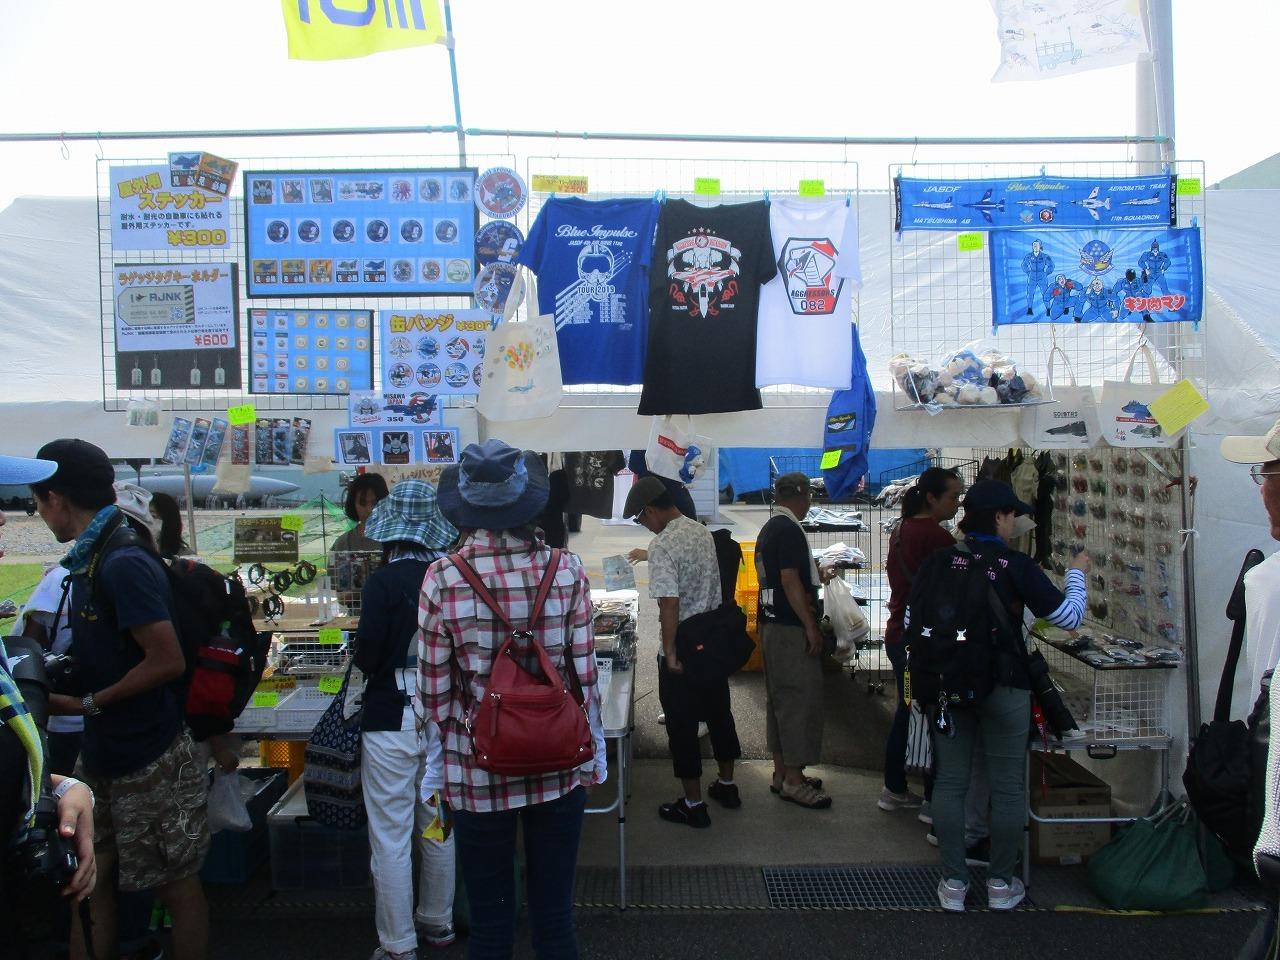 会場内いろいろなサービス/小松航空祭_b0163804_17313123.jpg